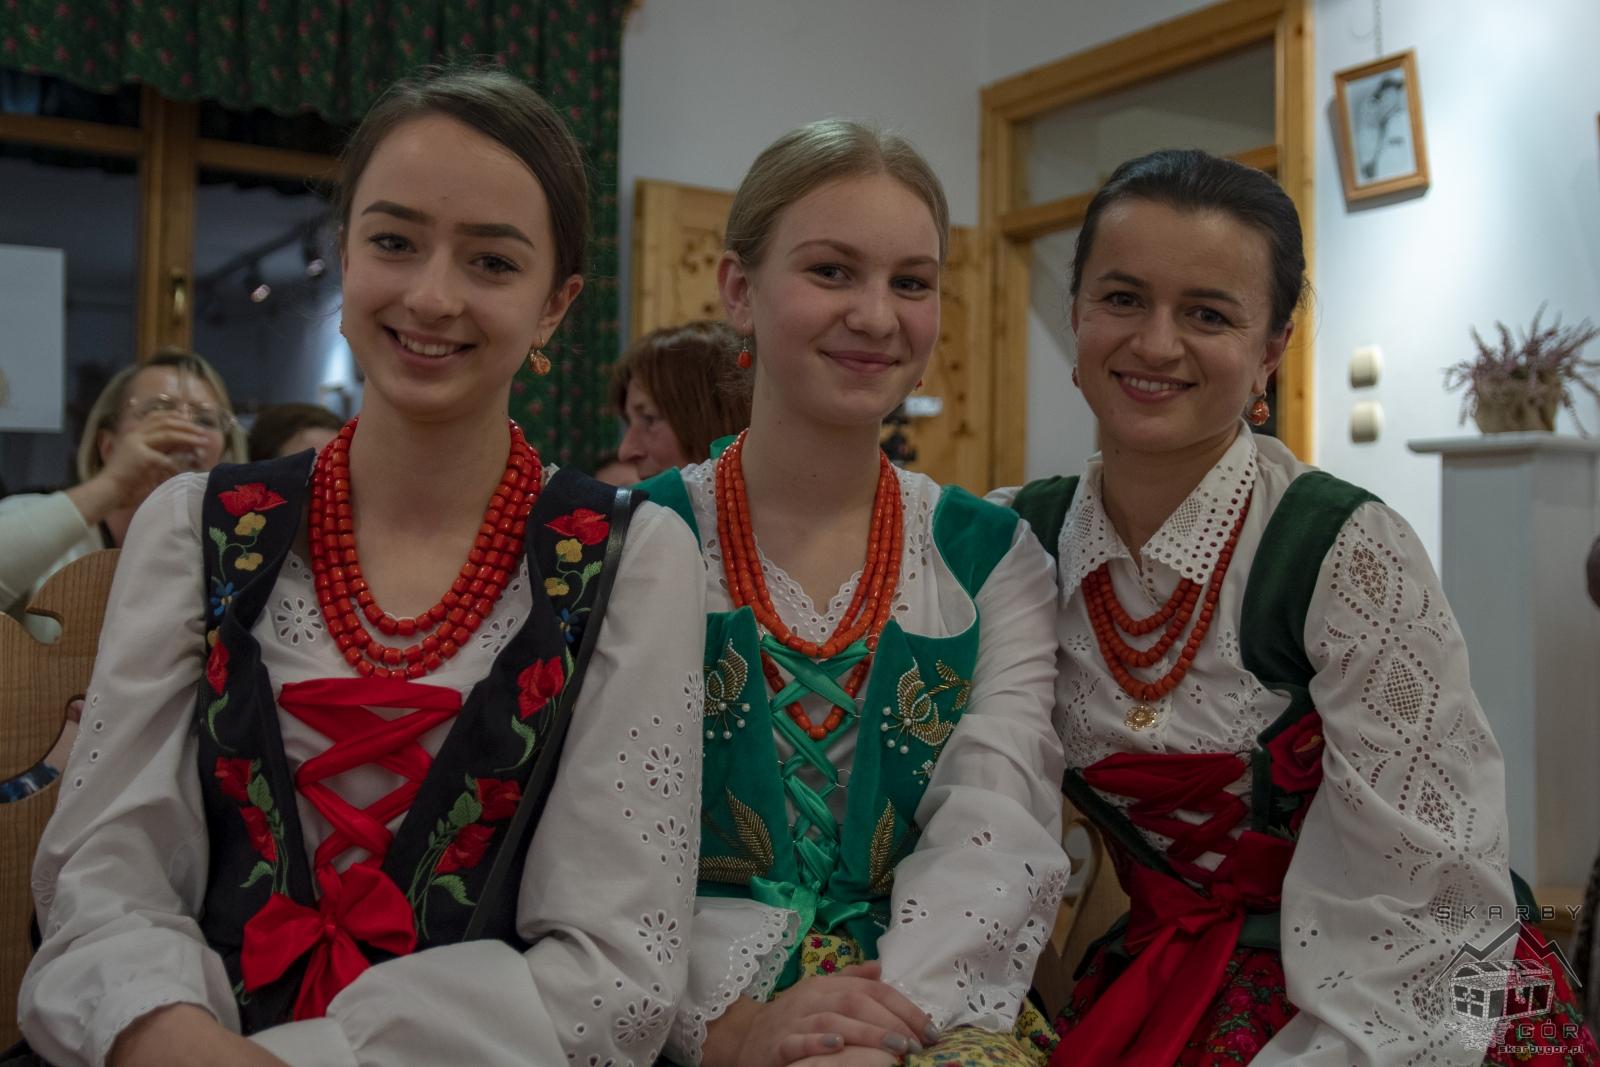 Ku prowdziy - Kościelisko Anna Malacina Karpiel